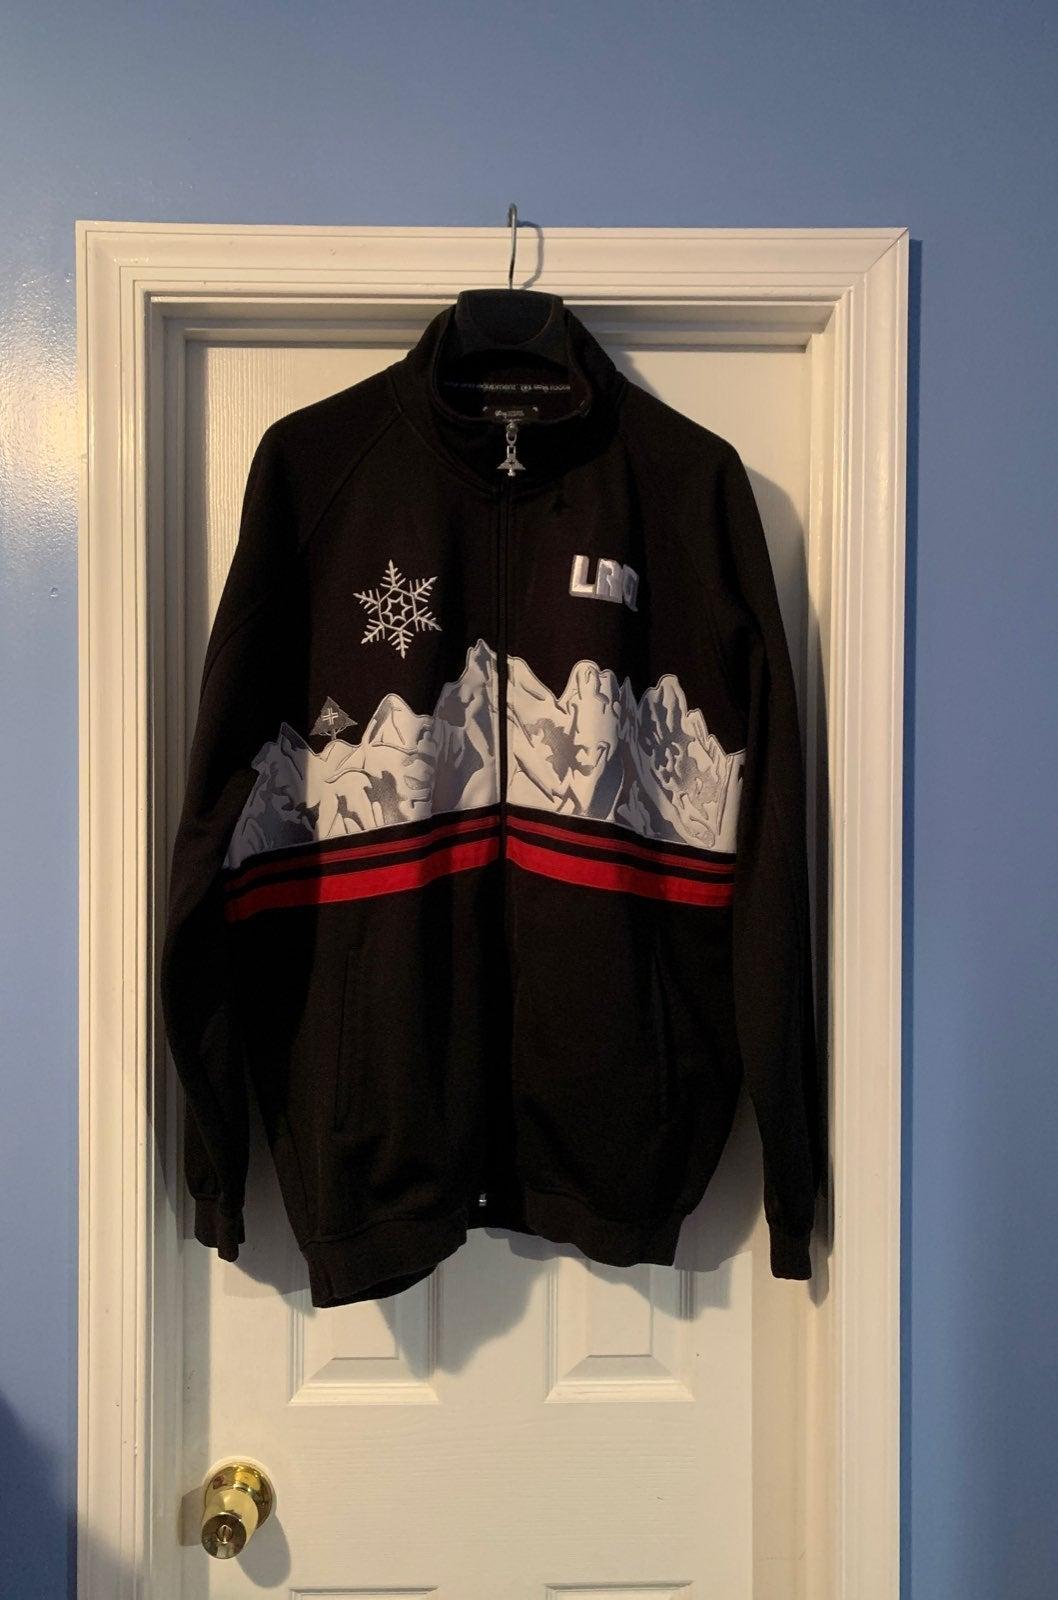 LRG track jacket